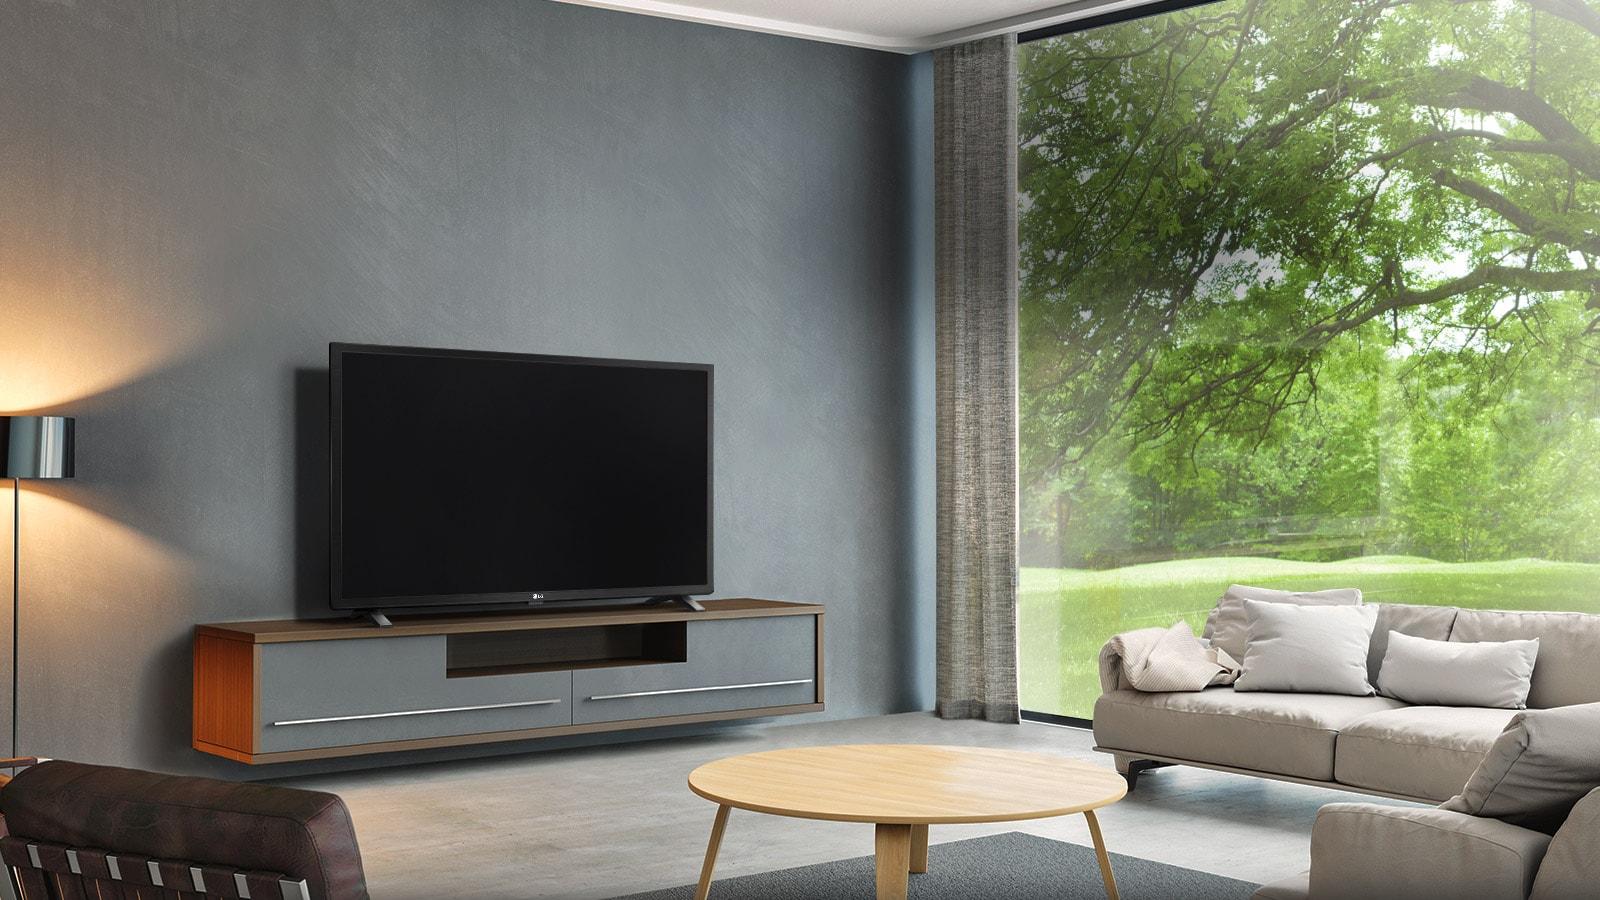 Un design simple et moderne pour votre salon